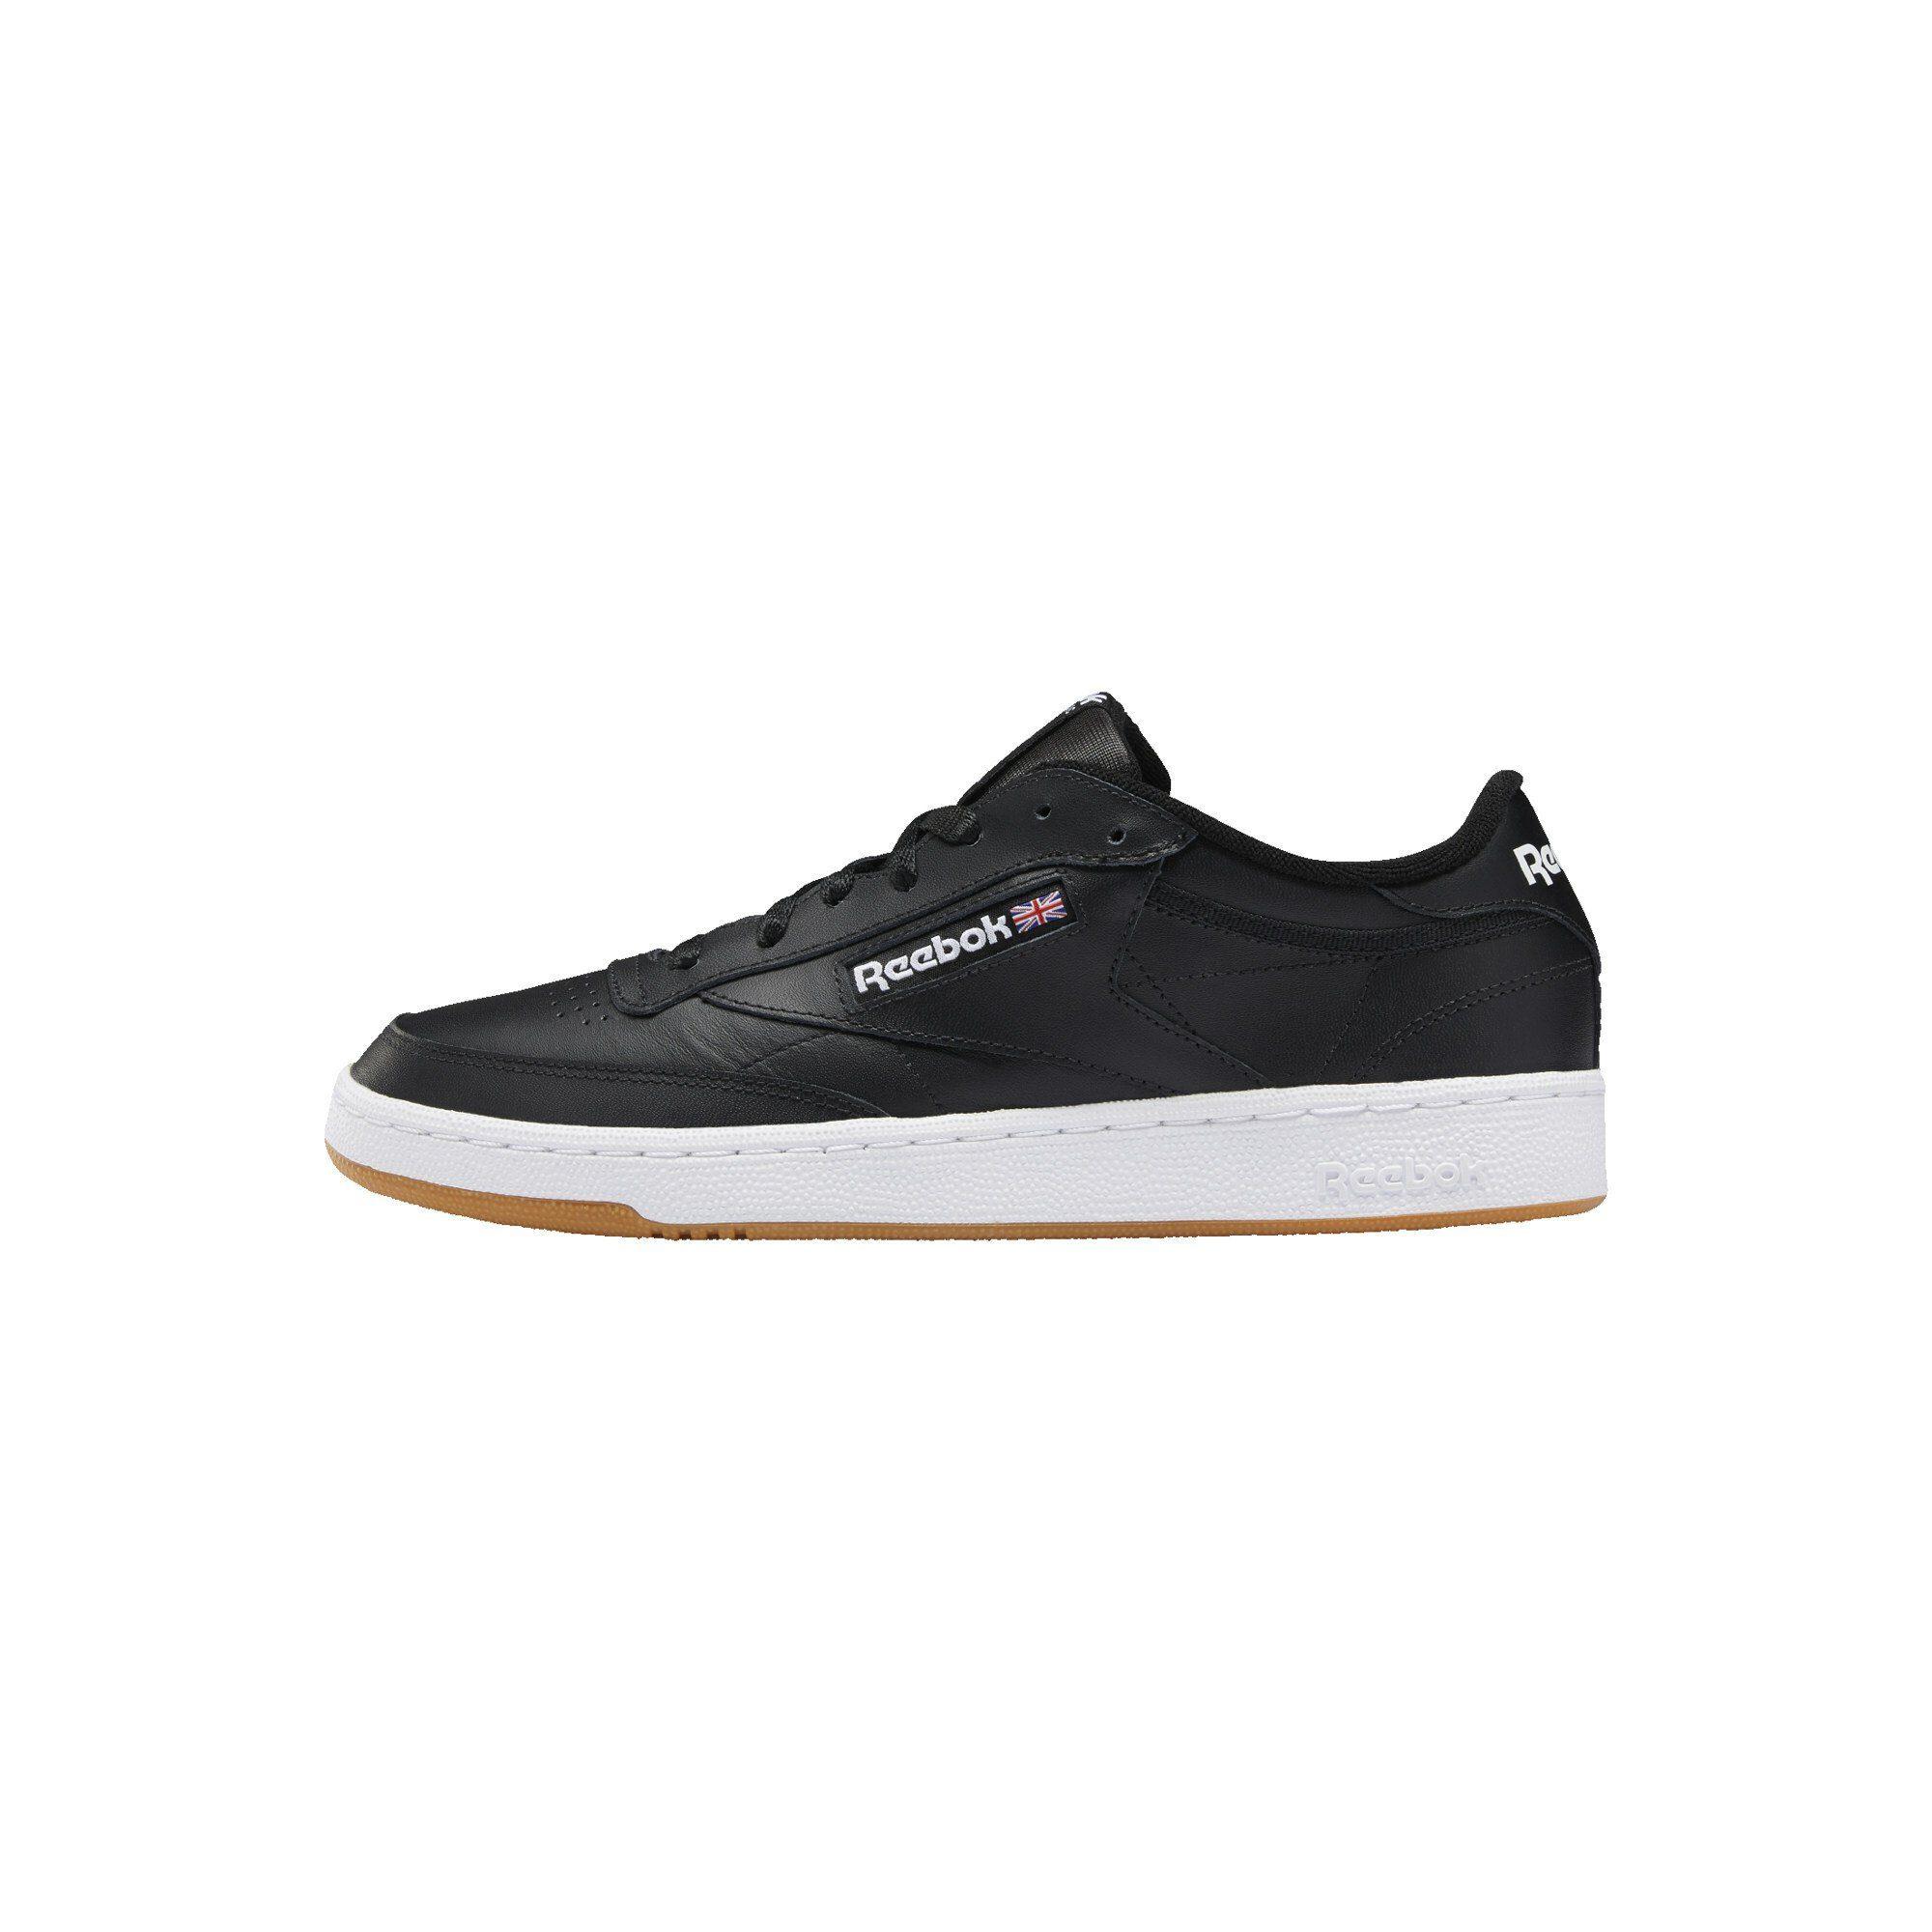 Reebok Classic »Club C 85 W« Sneaker, Modischer Sneaker von Reebok online kaufen   OTTO